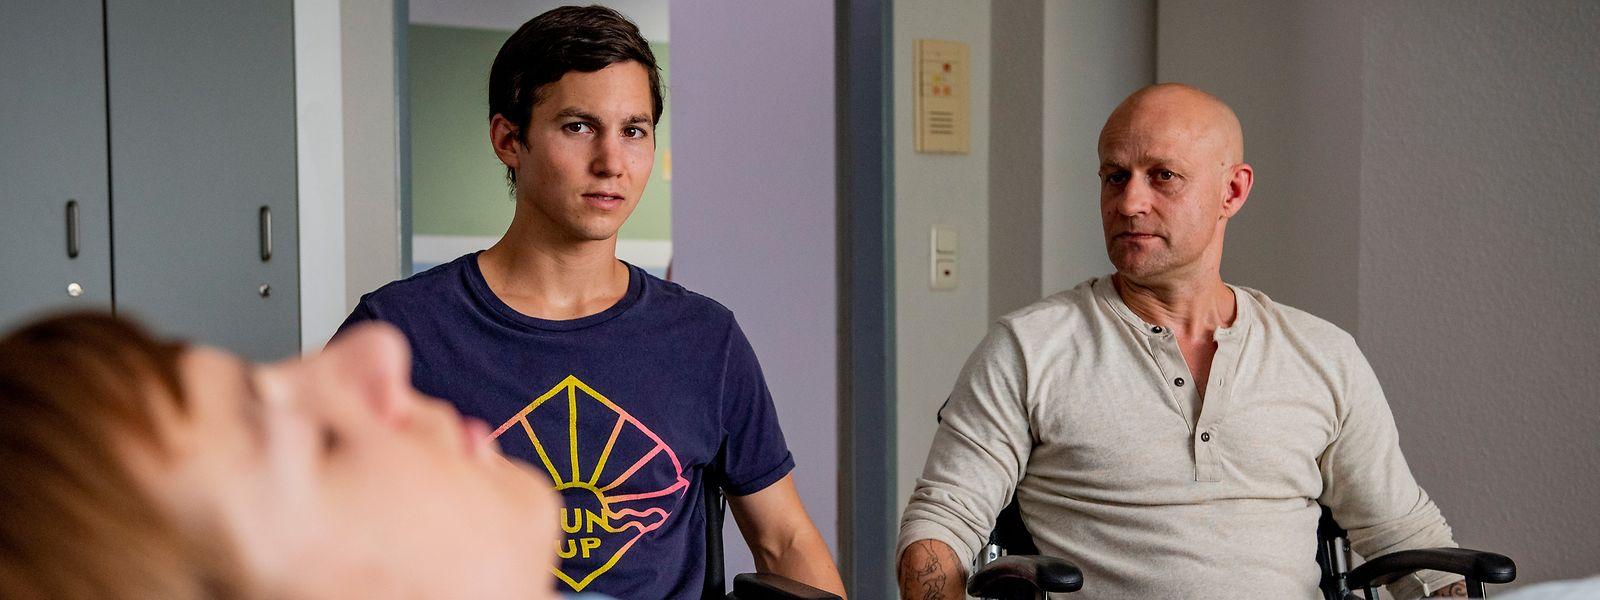 """Szene aus dem Film """"Club der roten Bänder"""": Benni (Jürgen Vogel, r.) stellt Leo (Tim Oliver Schultz) den komatösen Hugo (Nick Julius Schuck) vor."""